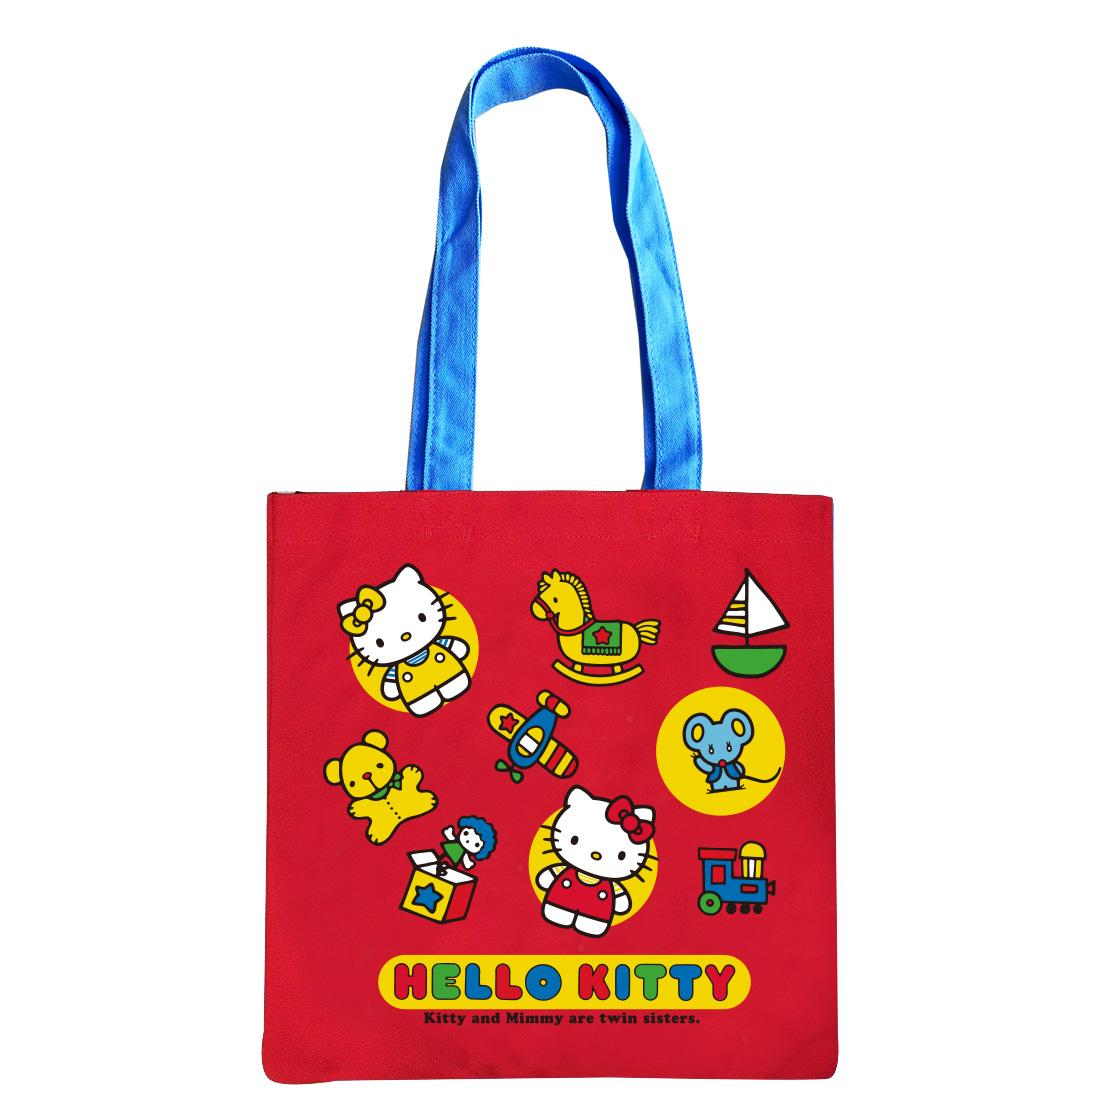 ハローキティ カラートートバッグ キティ&ミミィ